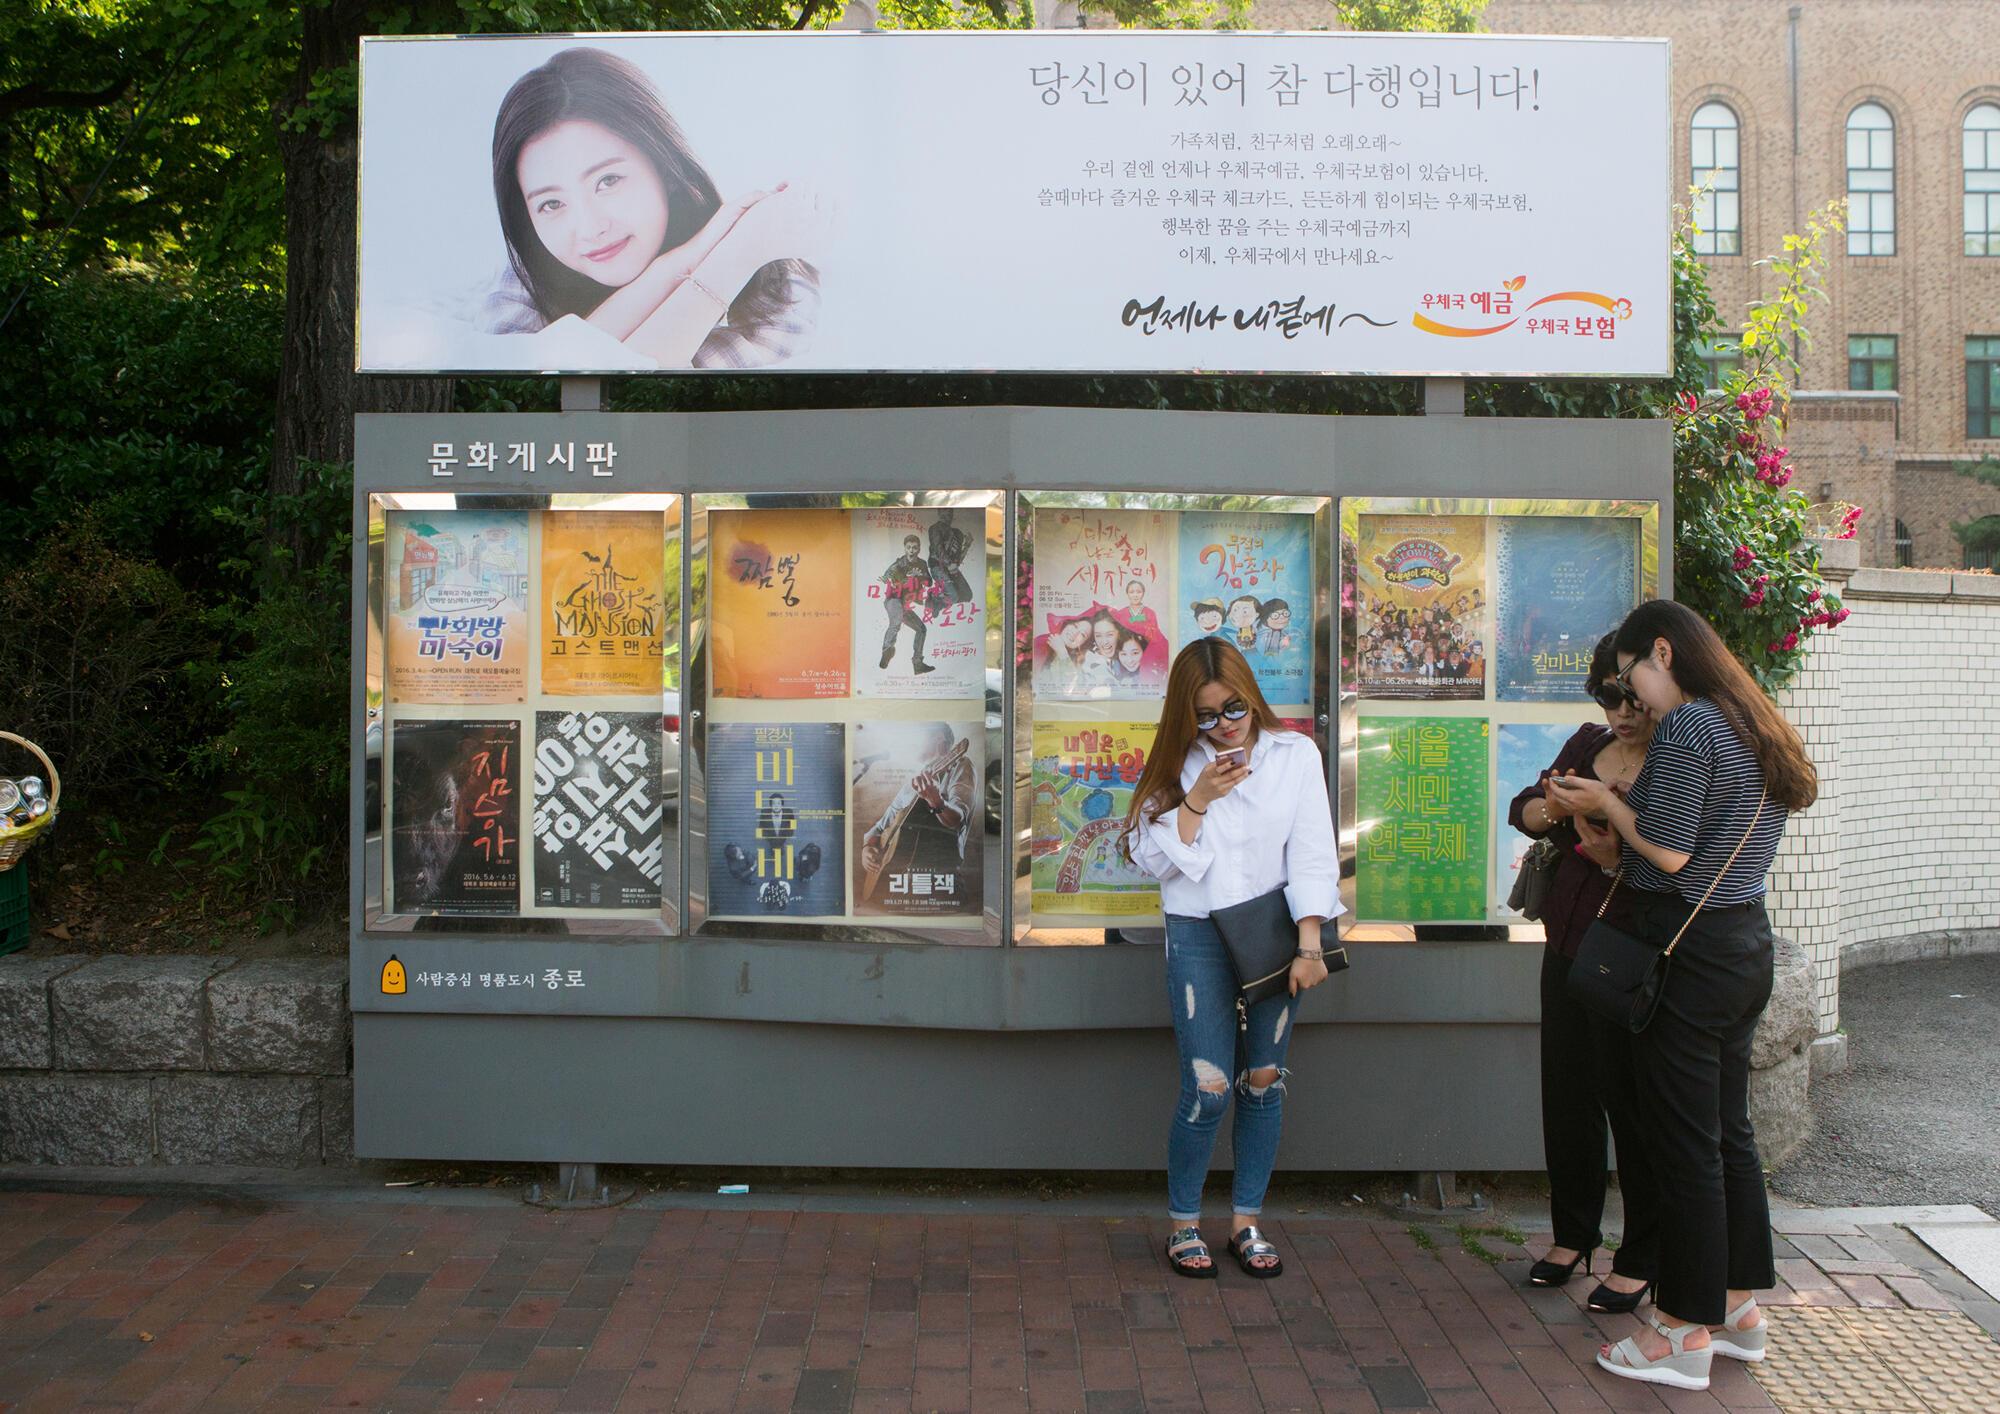 4000 consommatrices sud-coréennes ont déjà porté plainte depuis la révélation du scandale (image d'illustration).